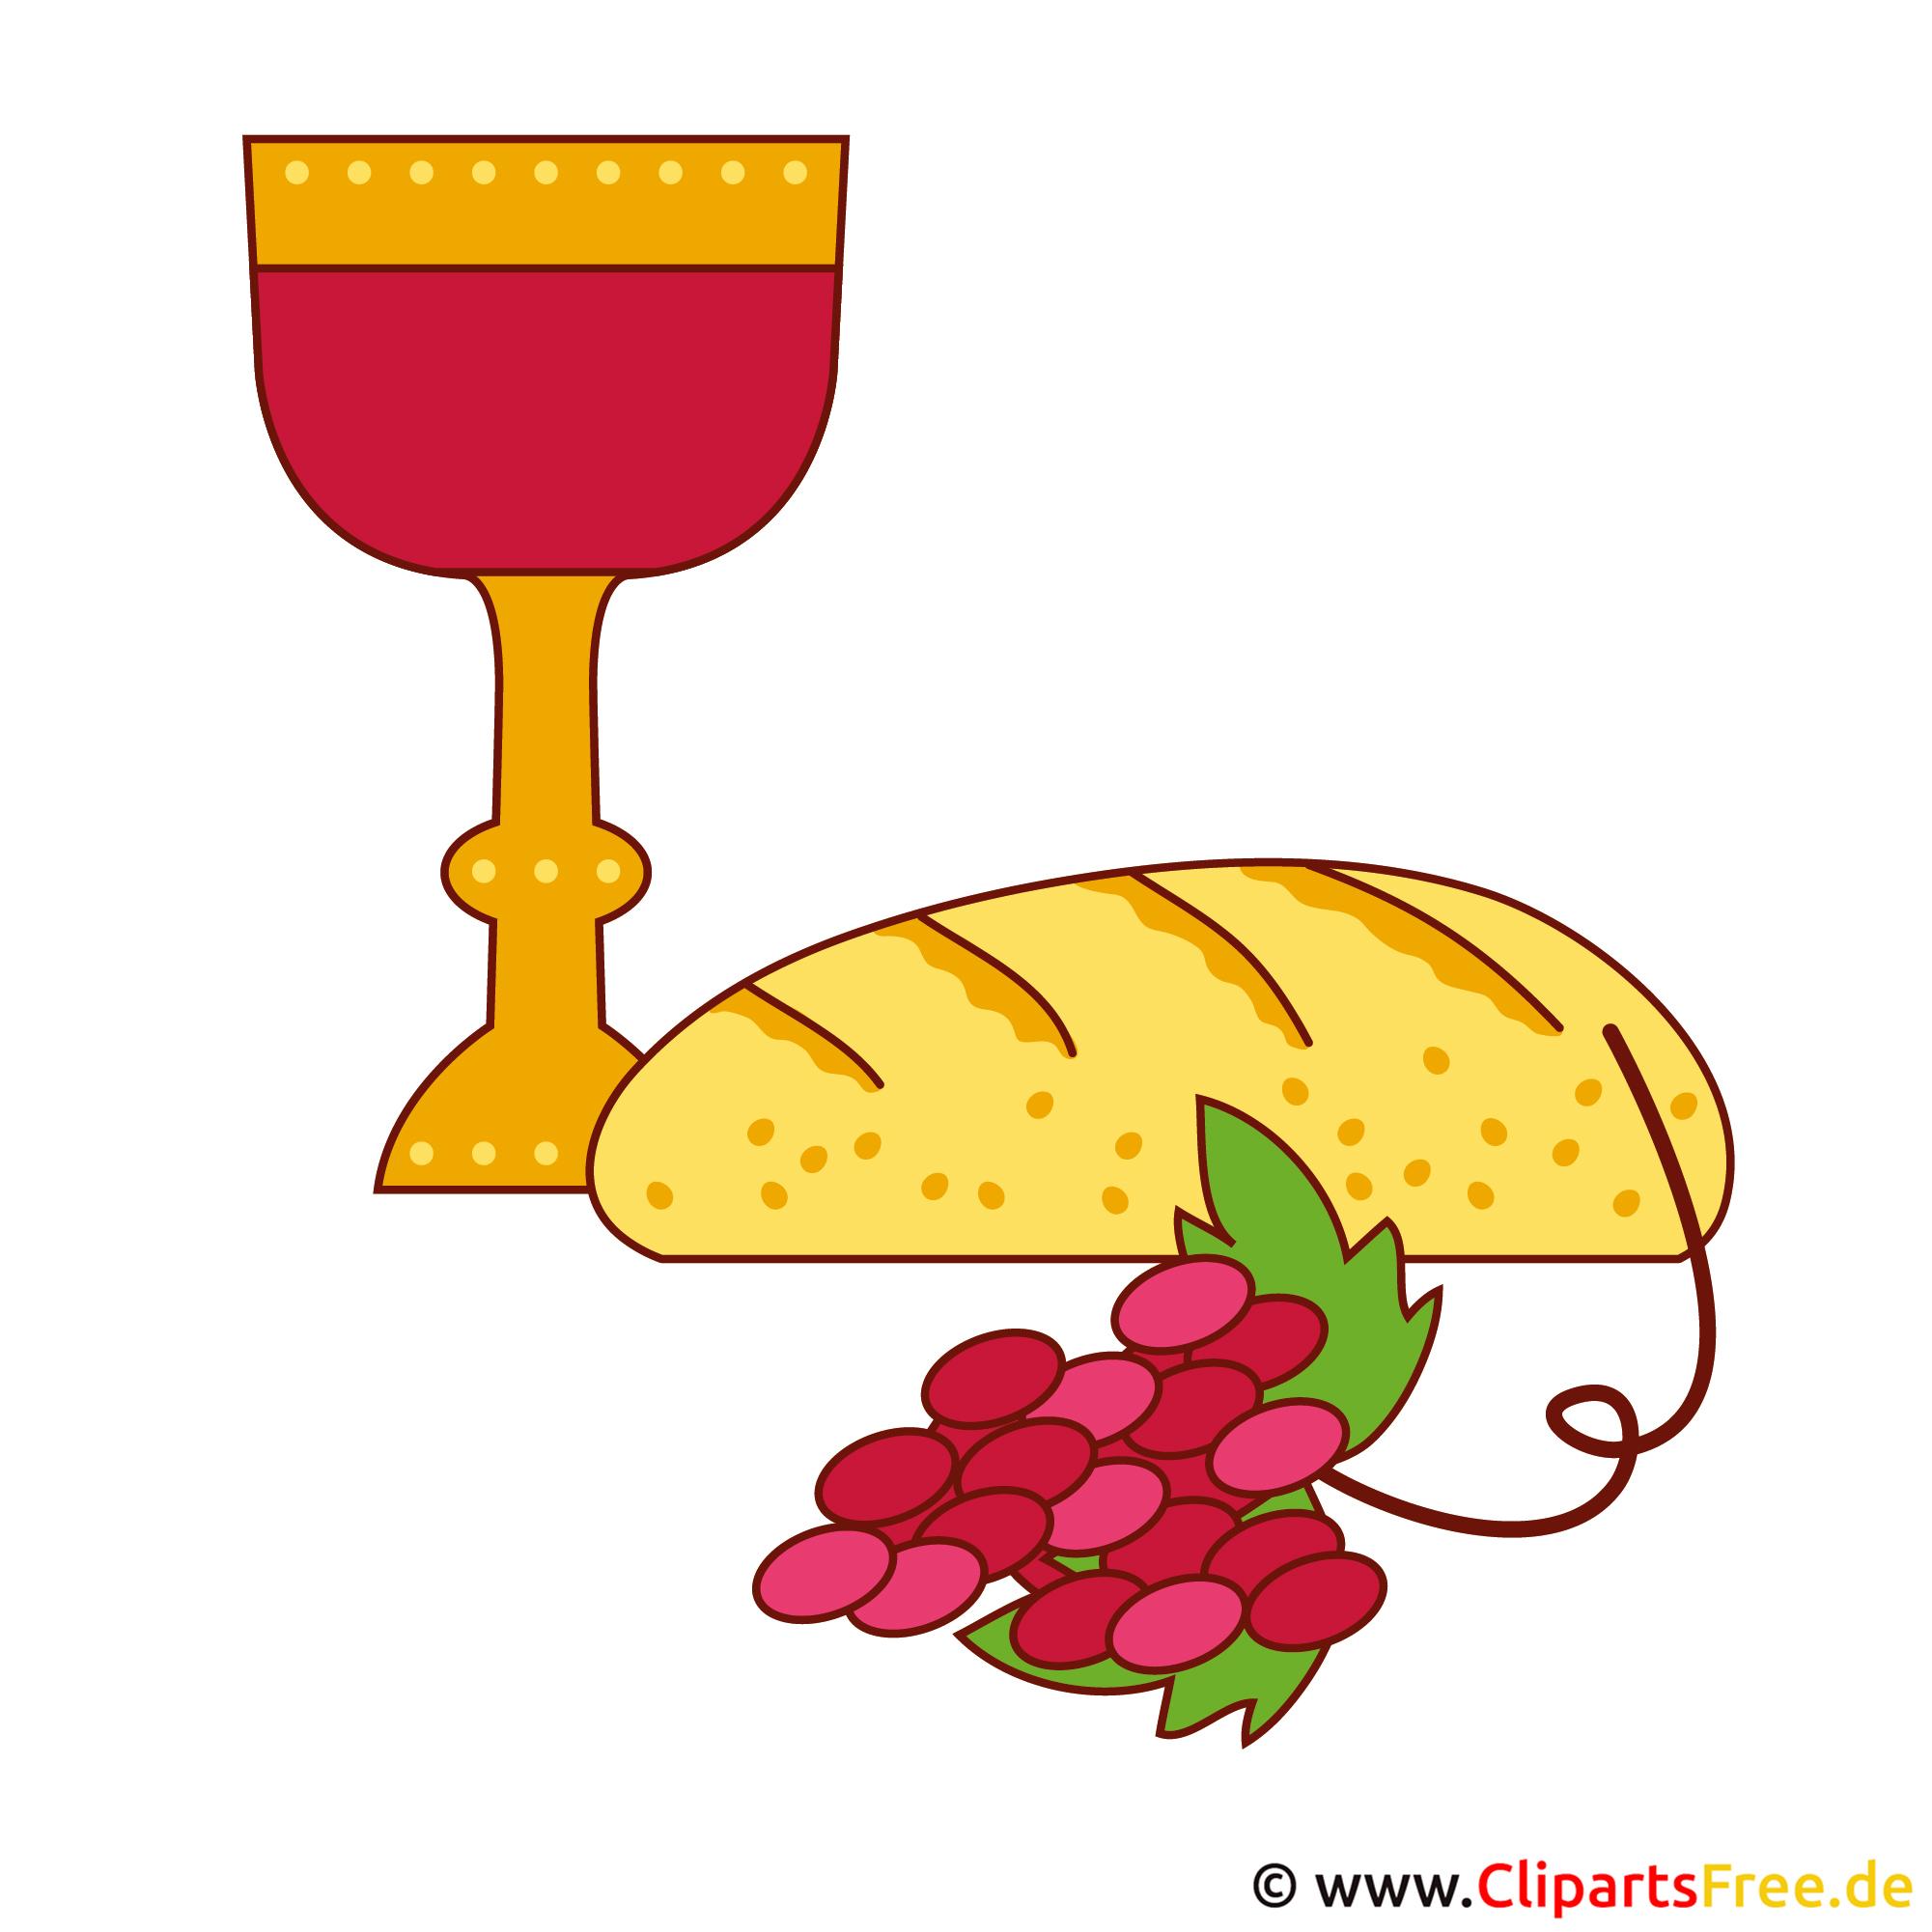 Wein und Brot Illustration - Kommunion Bilder kostenlos